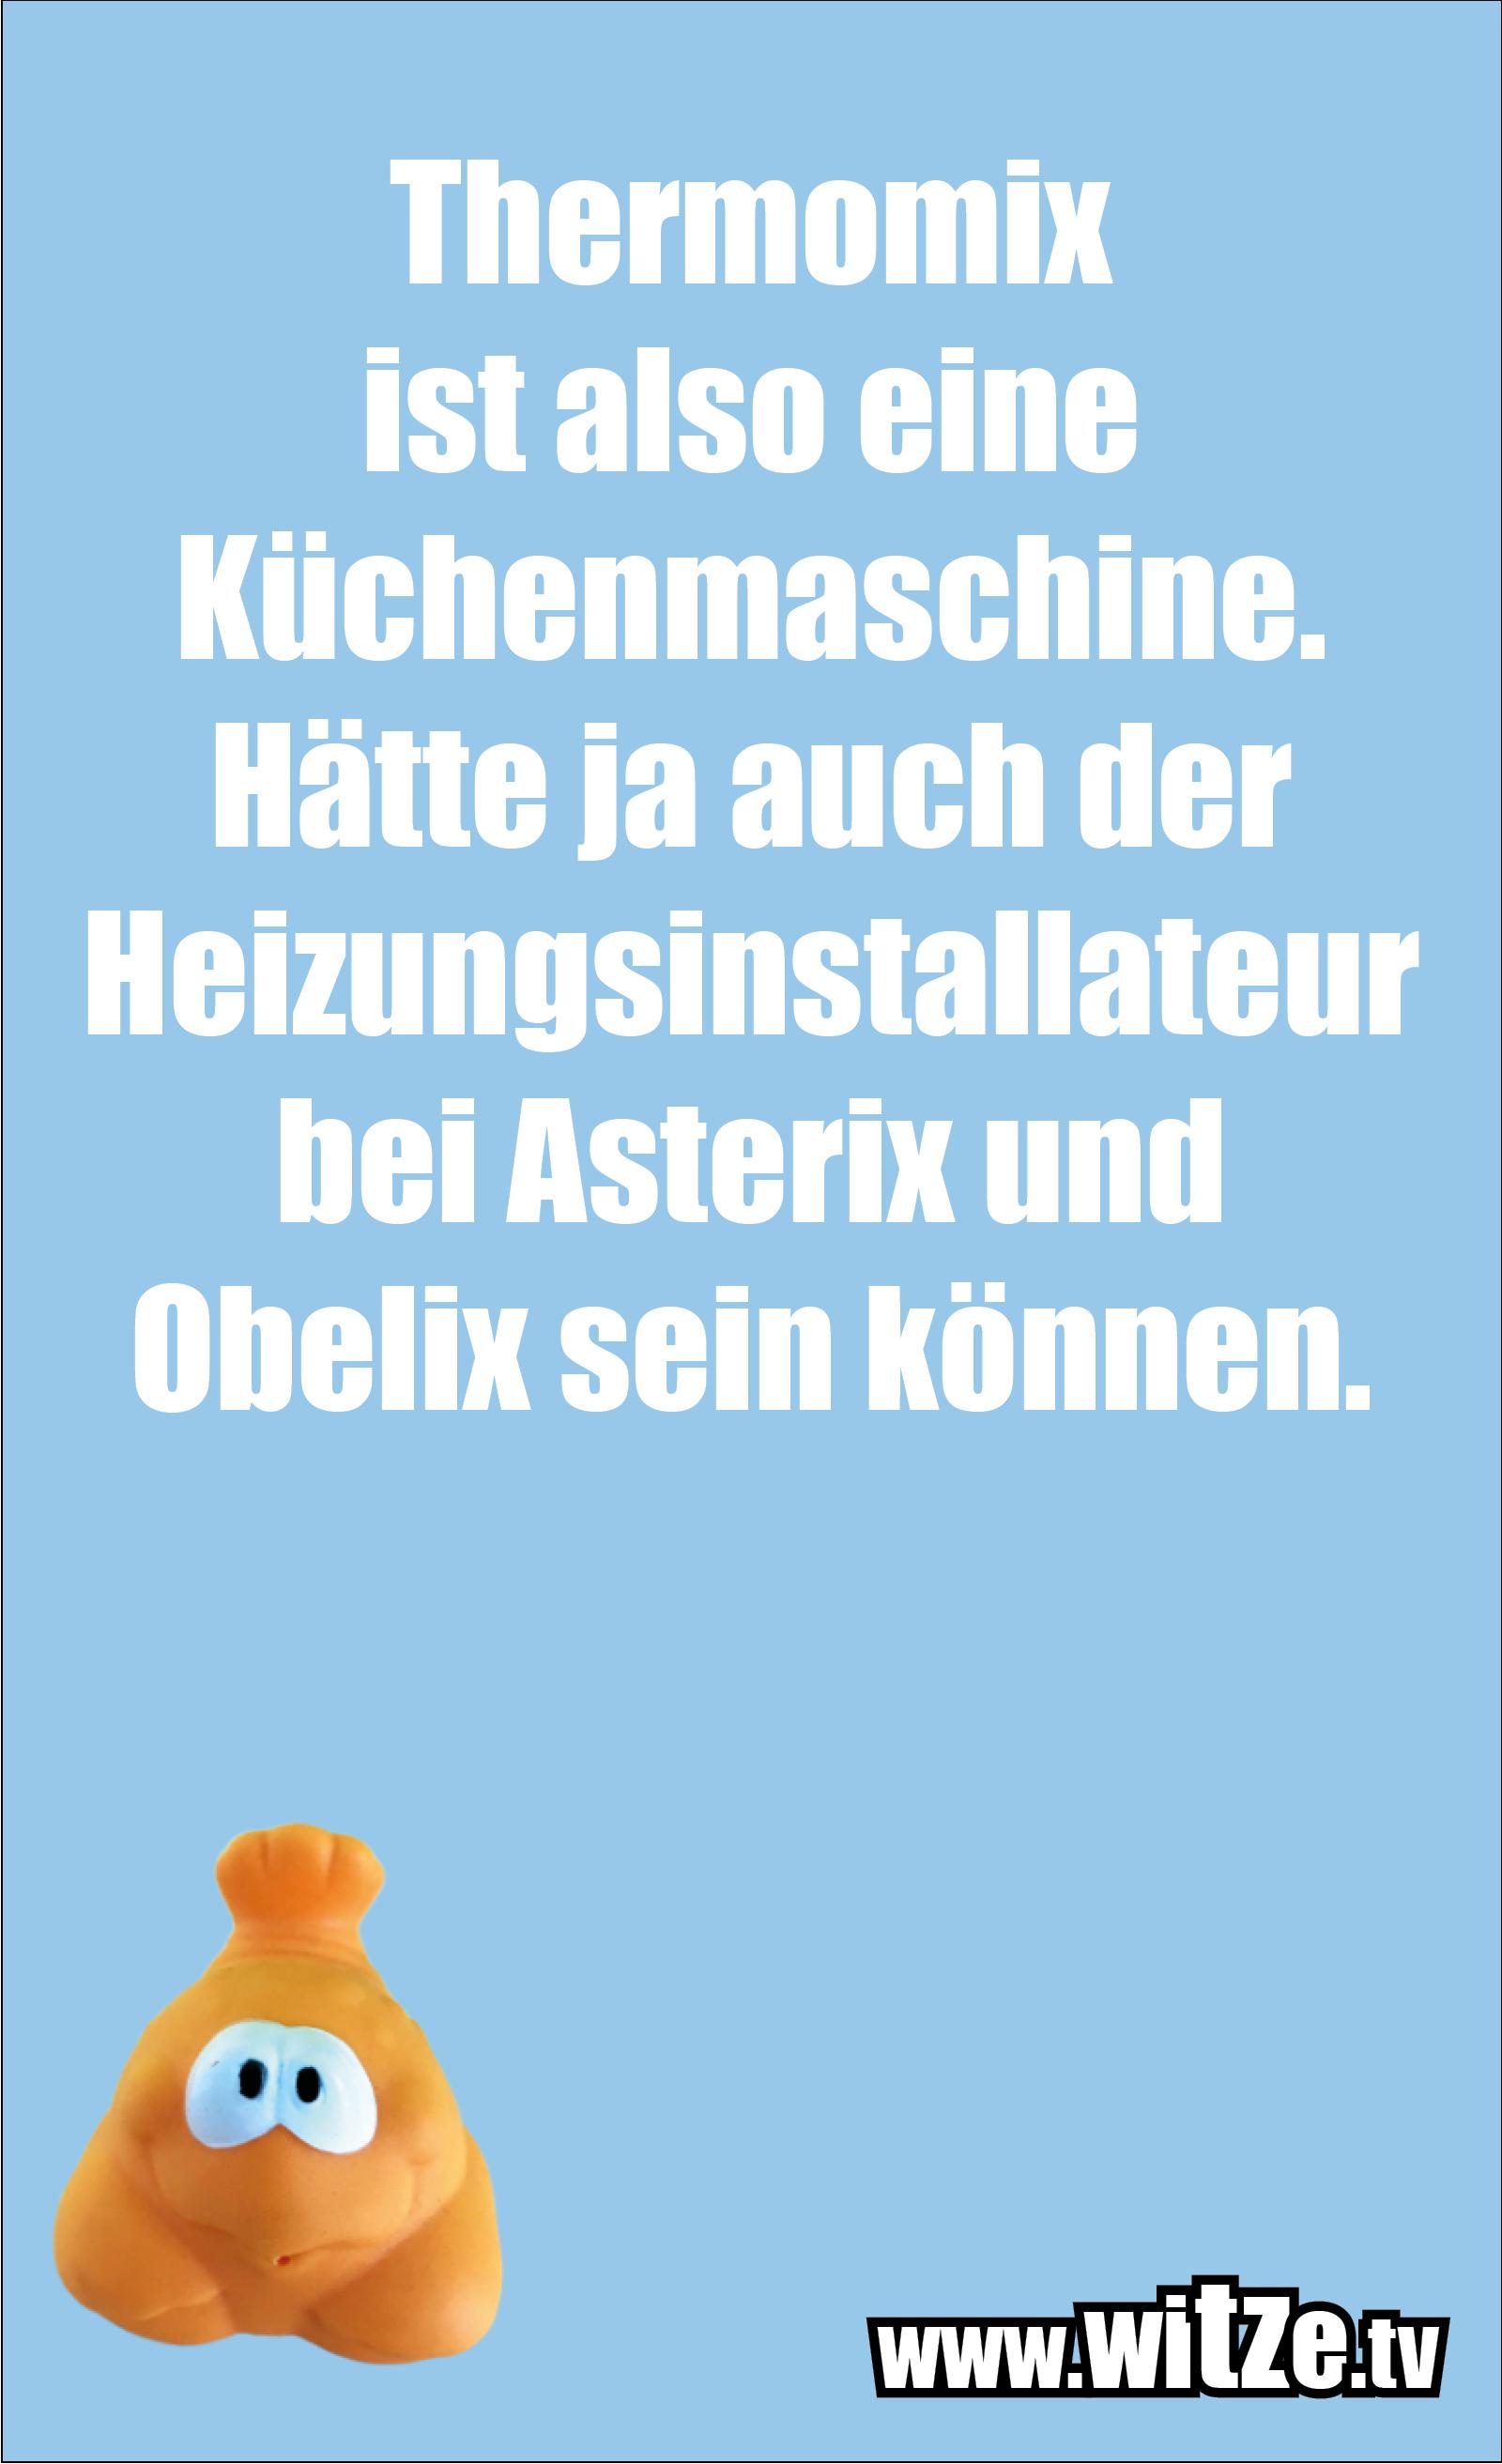 Nur Unsinn... Thermomix ist also eine Küchenmaschine. Hätte ja auch der Heizungsinstallateur bei Asterix und Obelix sein können.